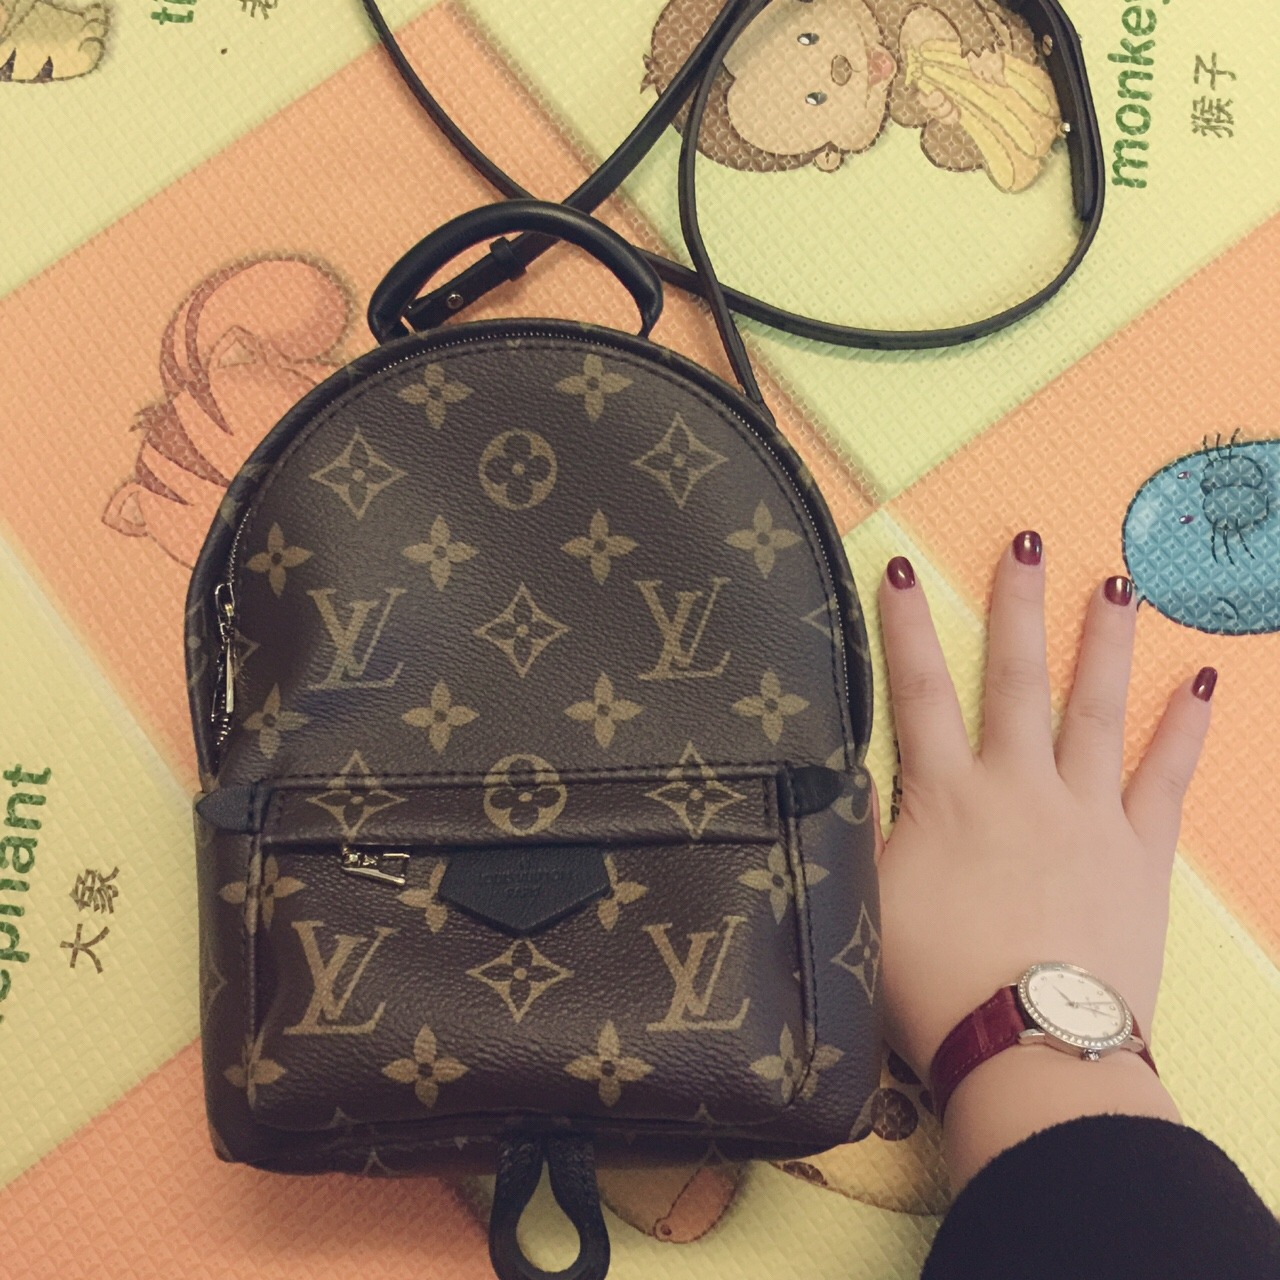 这款mini背包应该是最近lv最火的包了